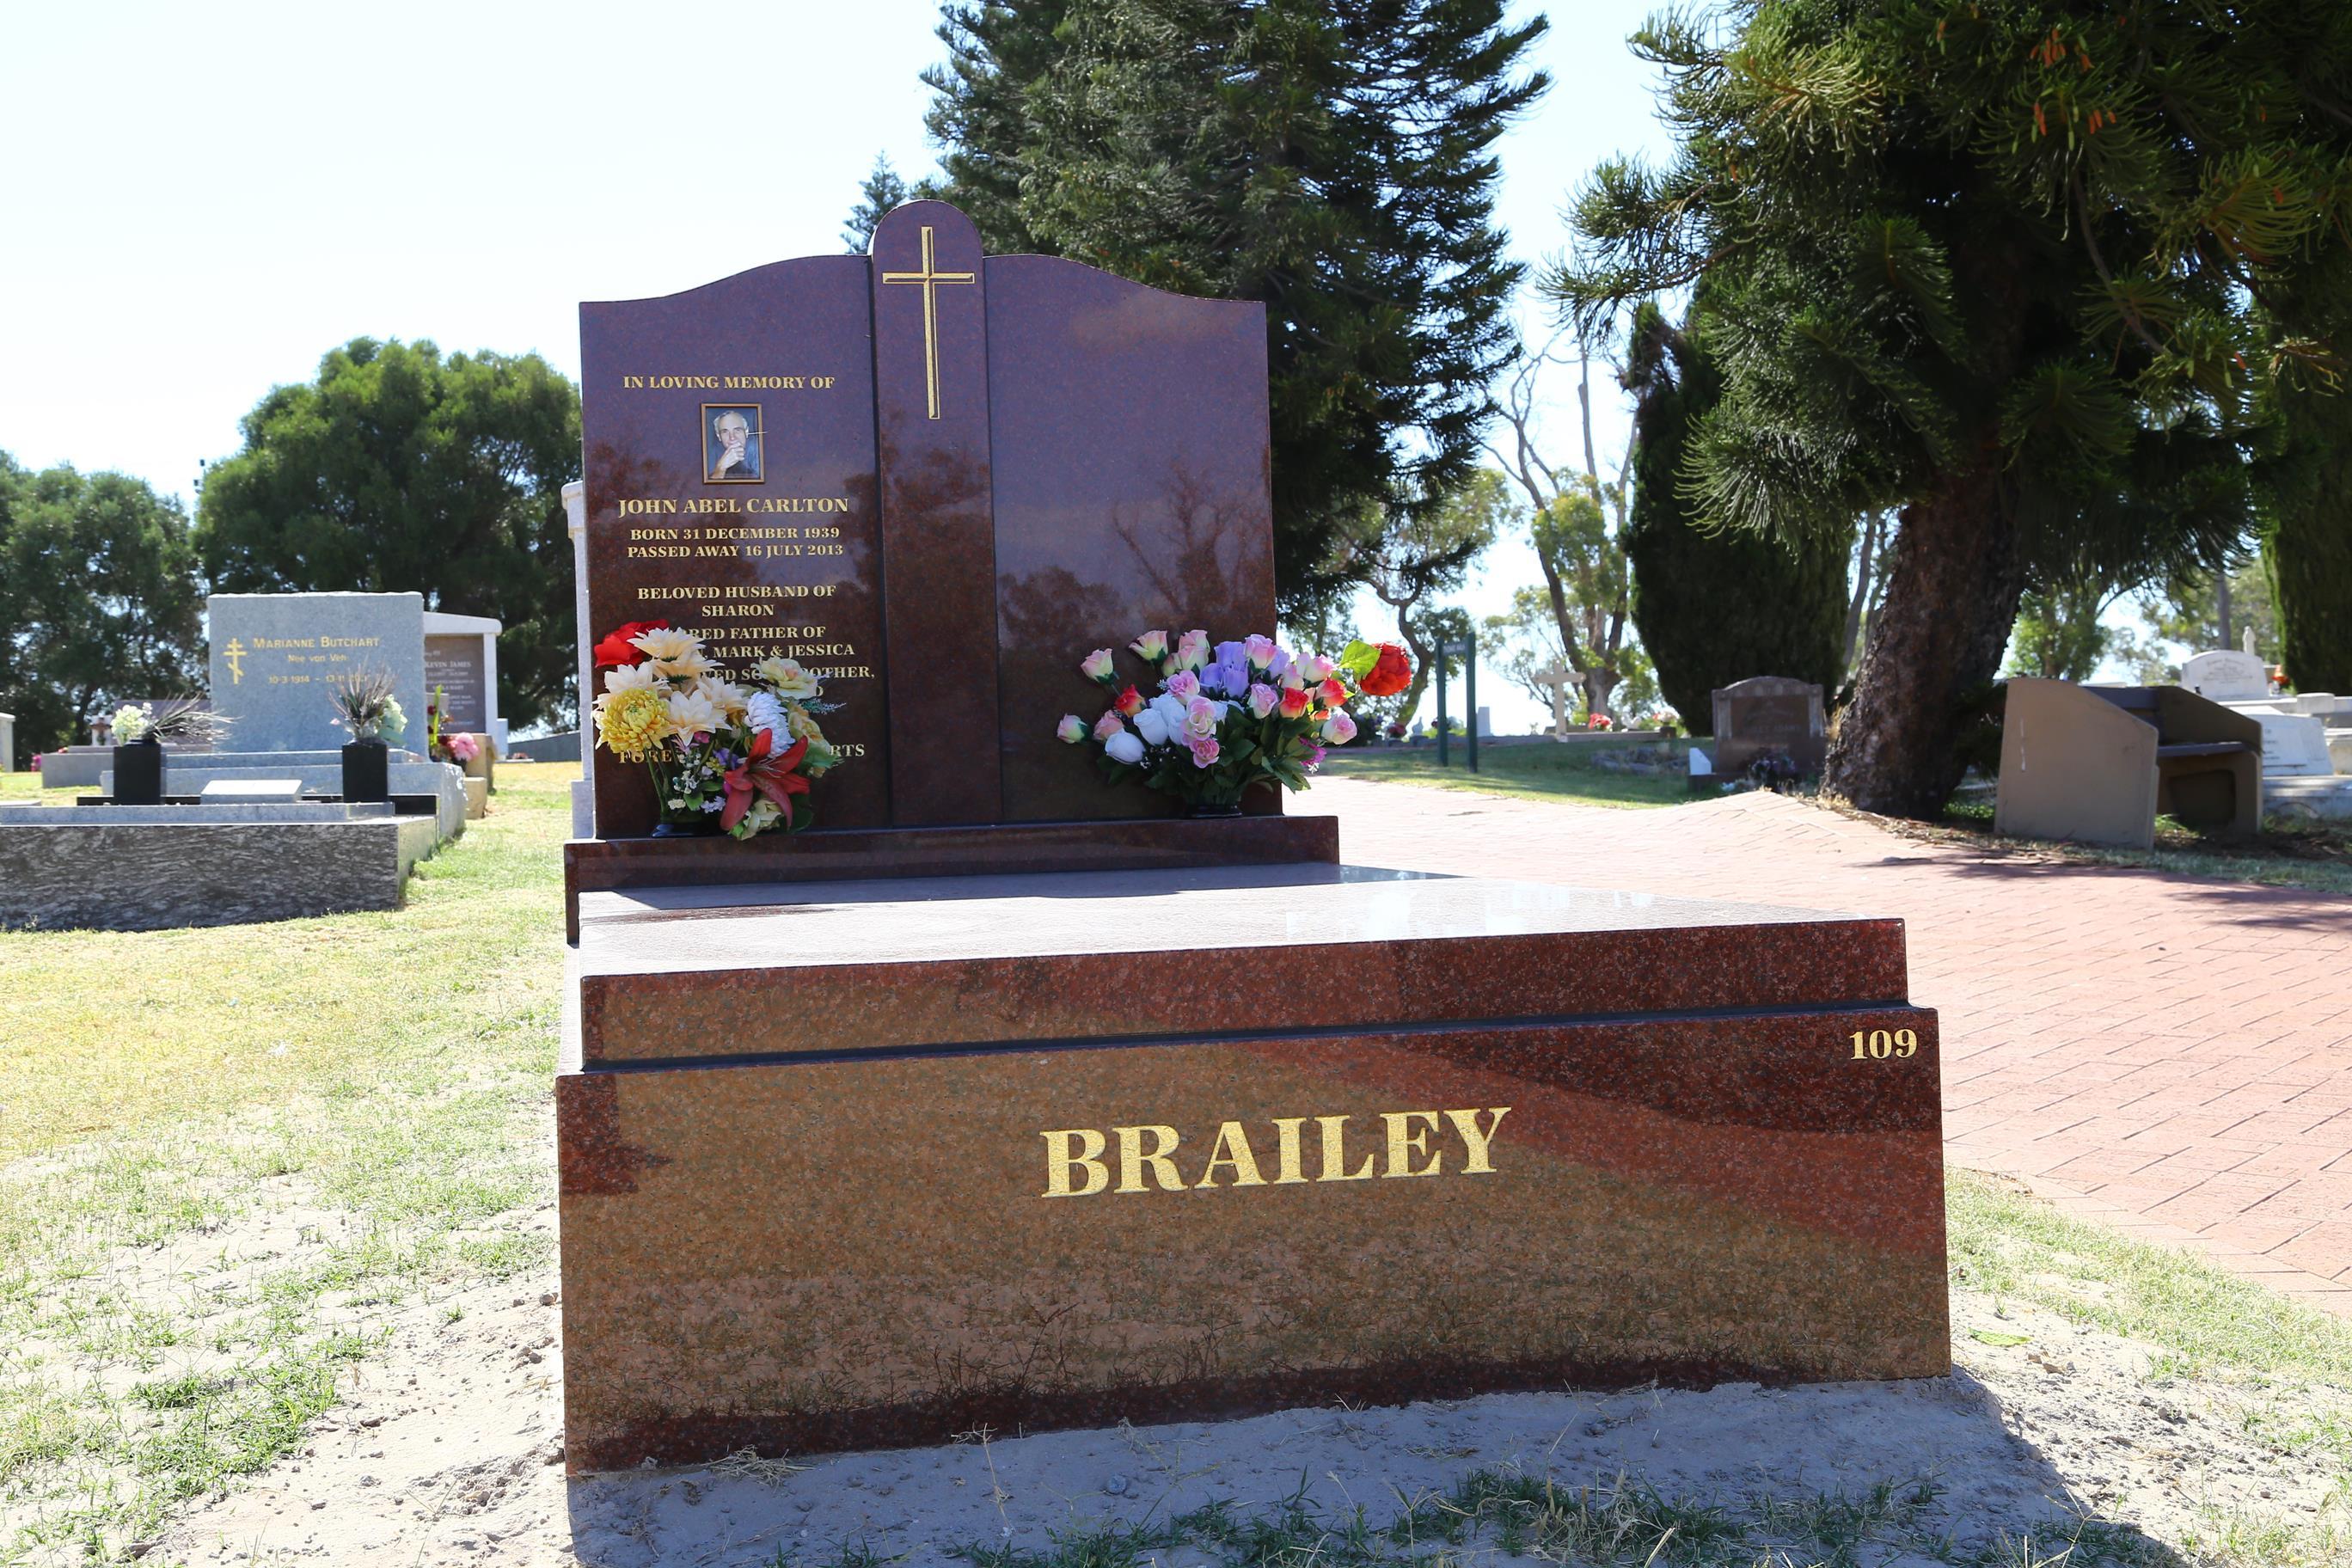 Brailey G